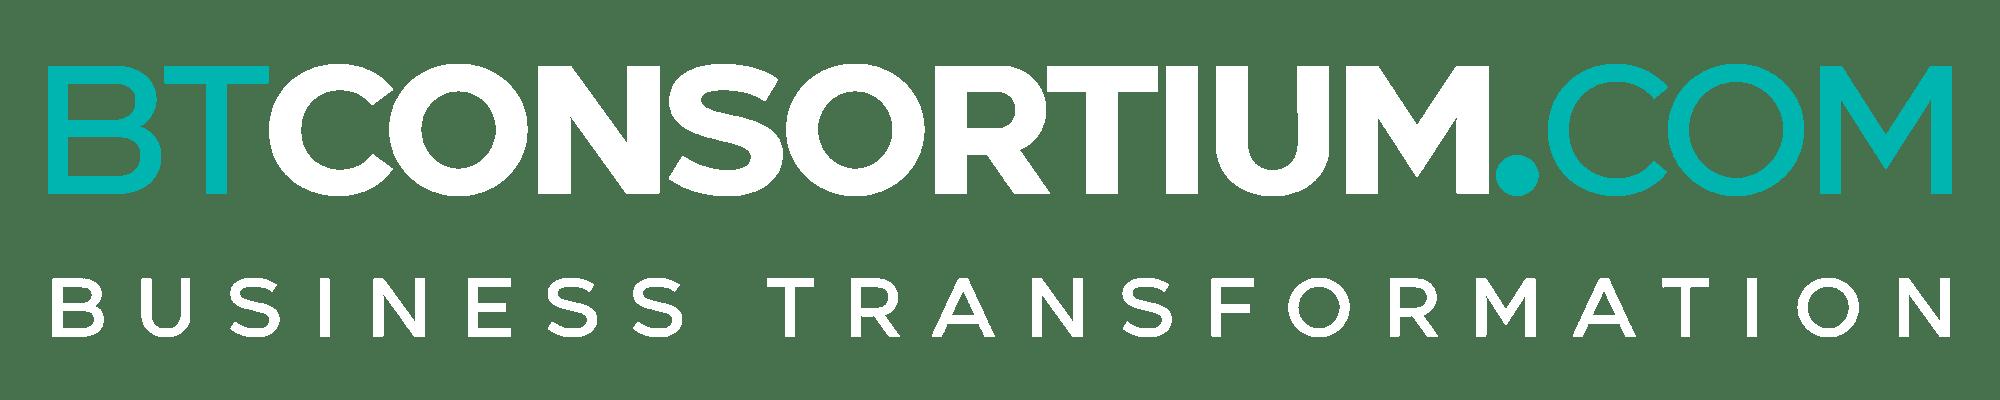 Business Transformation Consortium